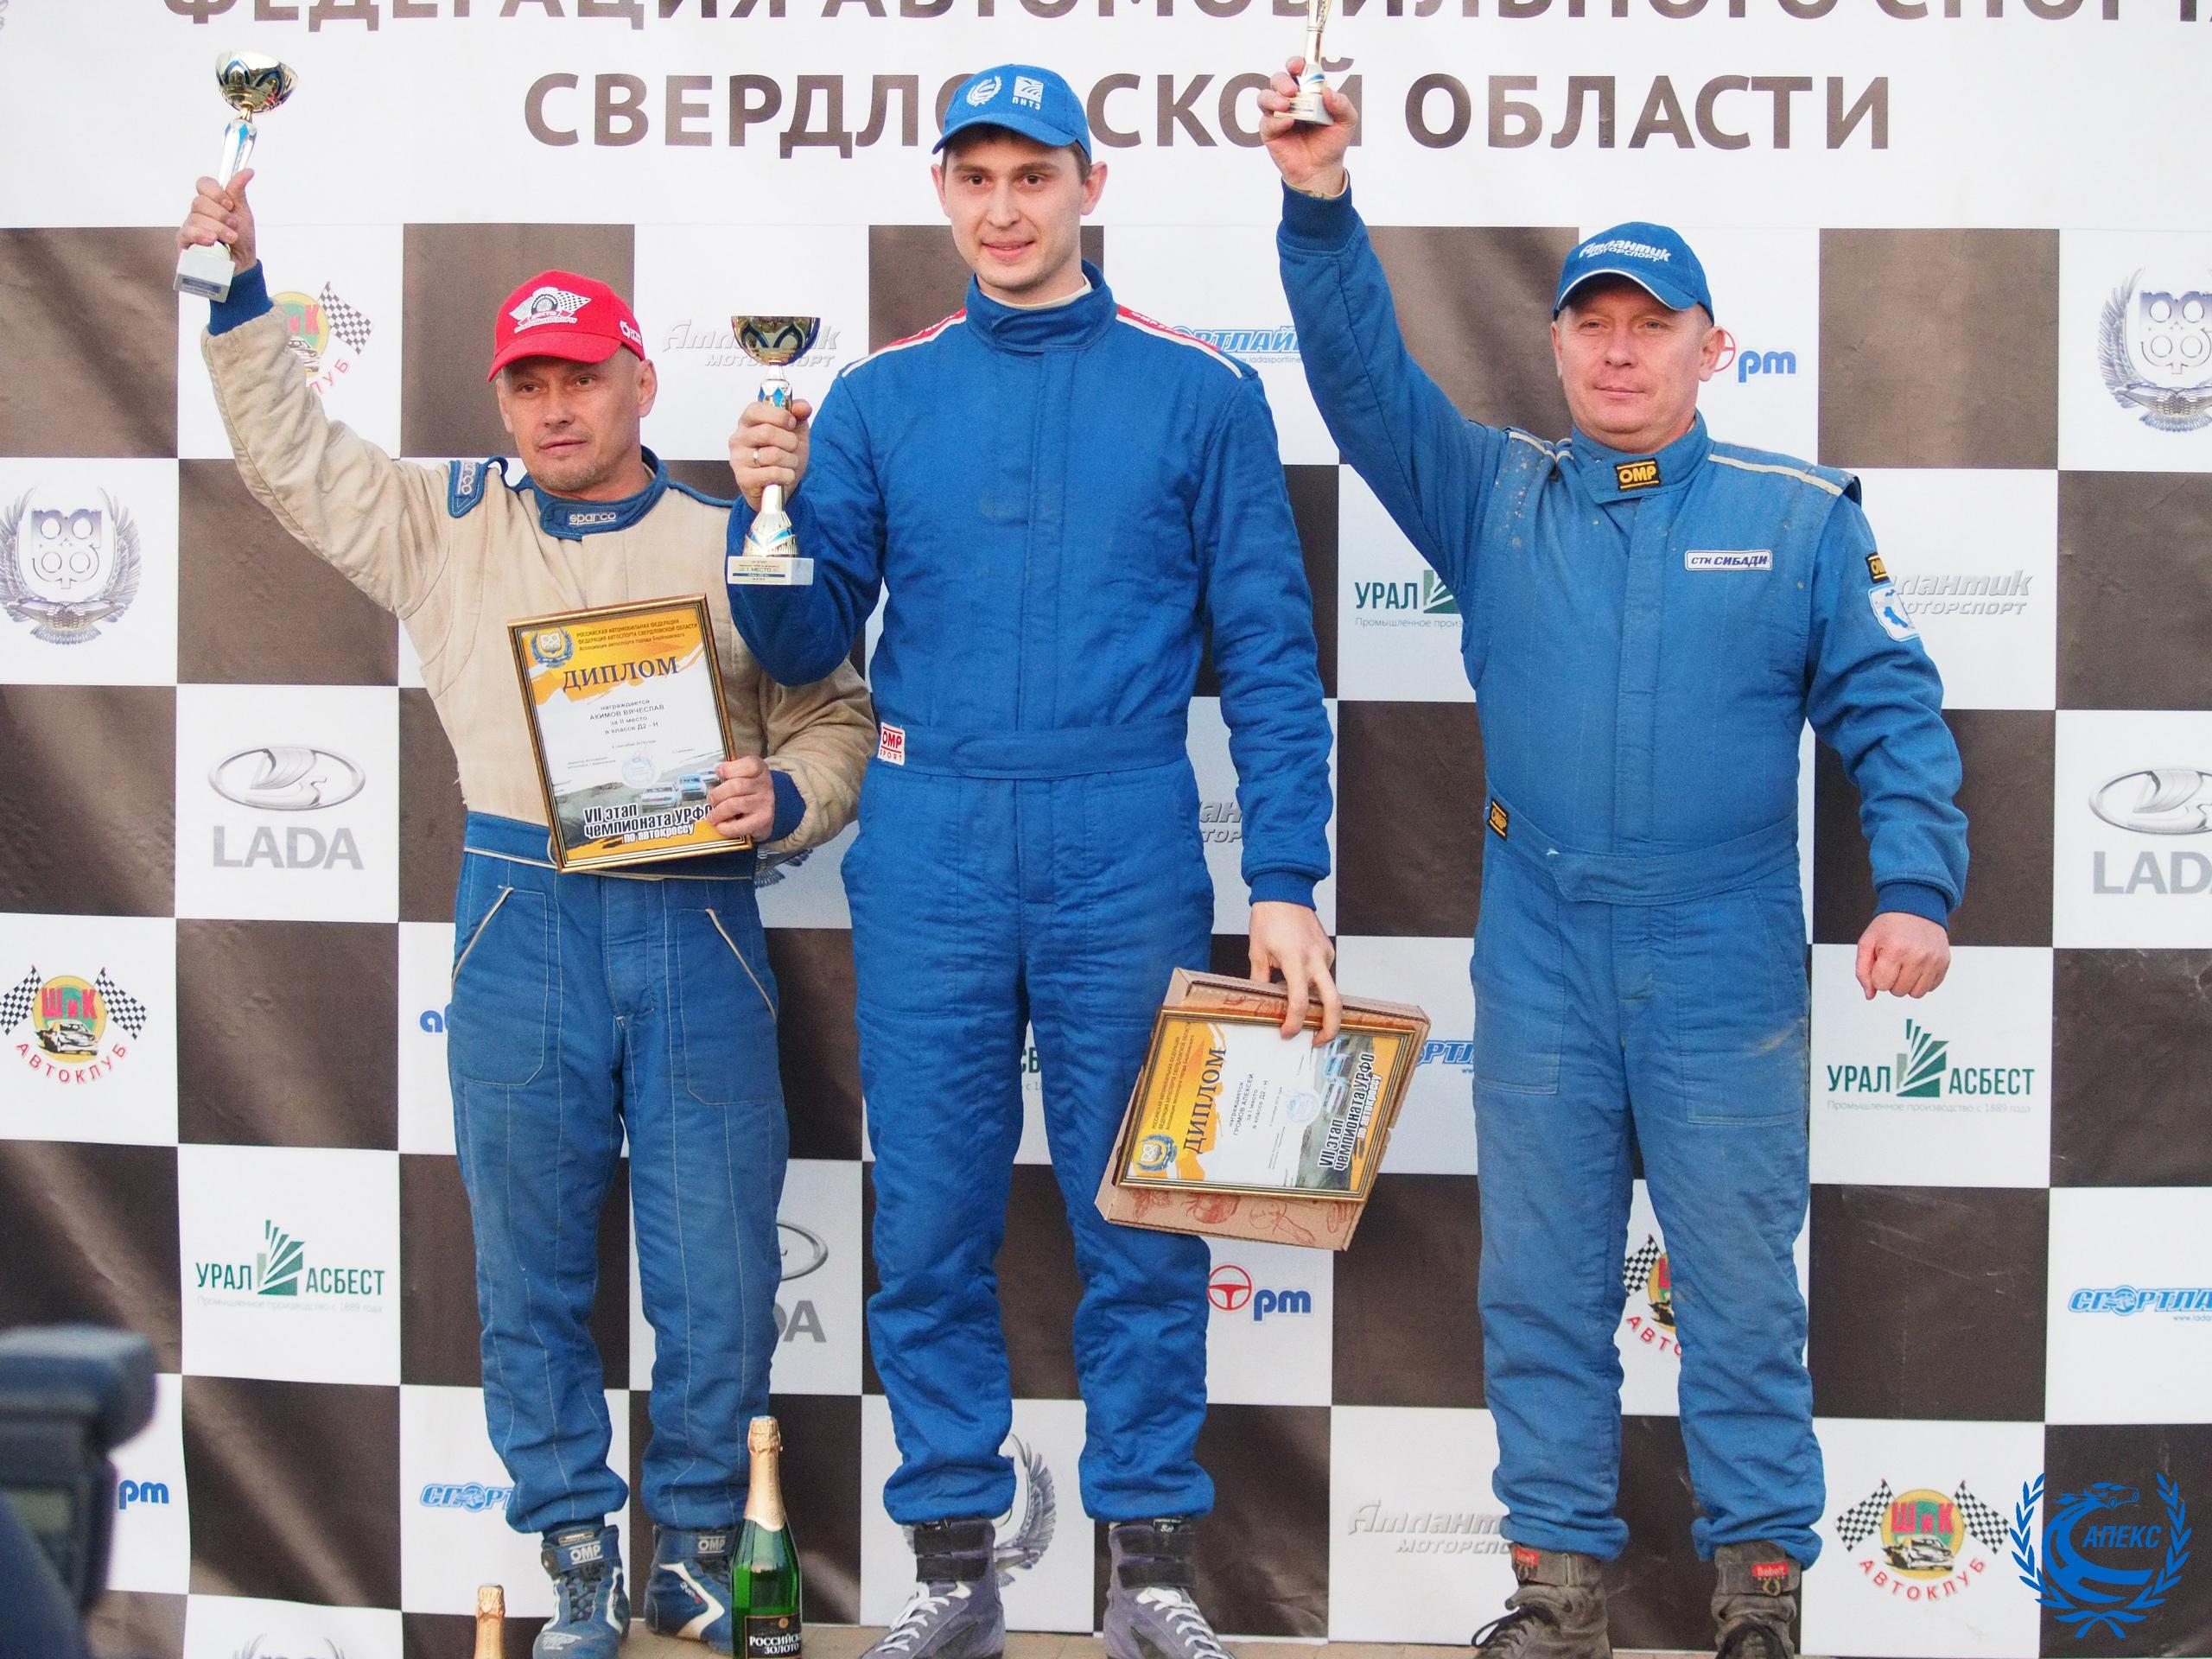 Громов выиграл Кубок УрФО